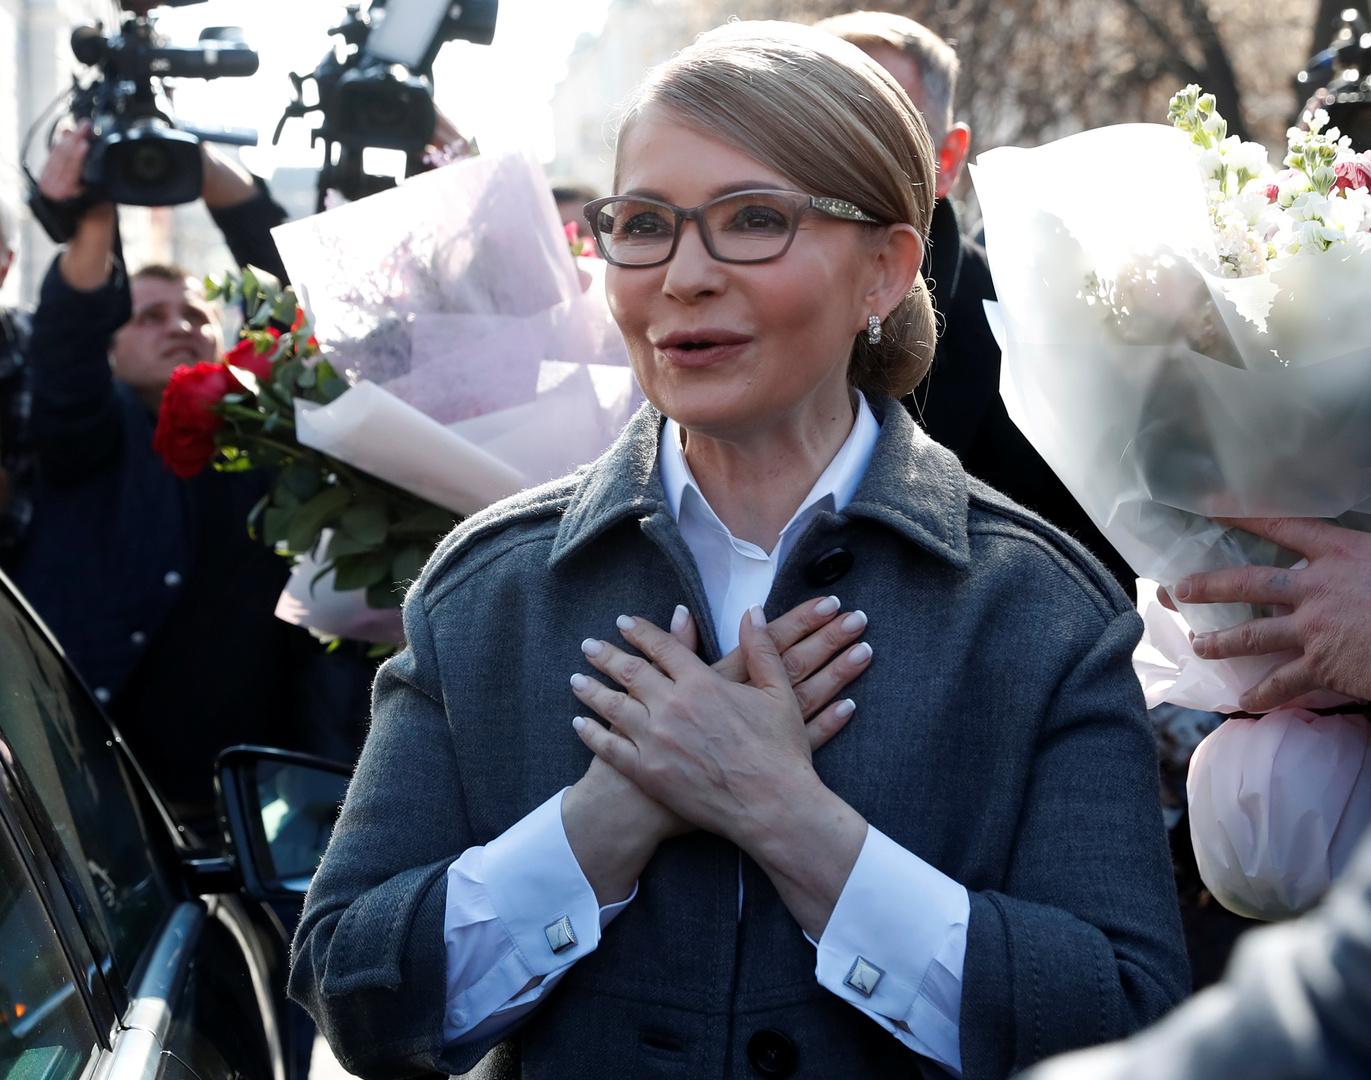 رئيسة وزراء أوكرانيا السابقة أوصلت بجهاز تنفس اصطناعي